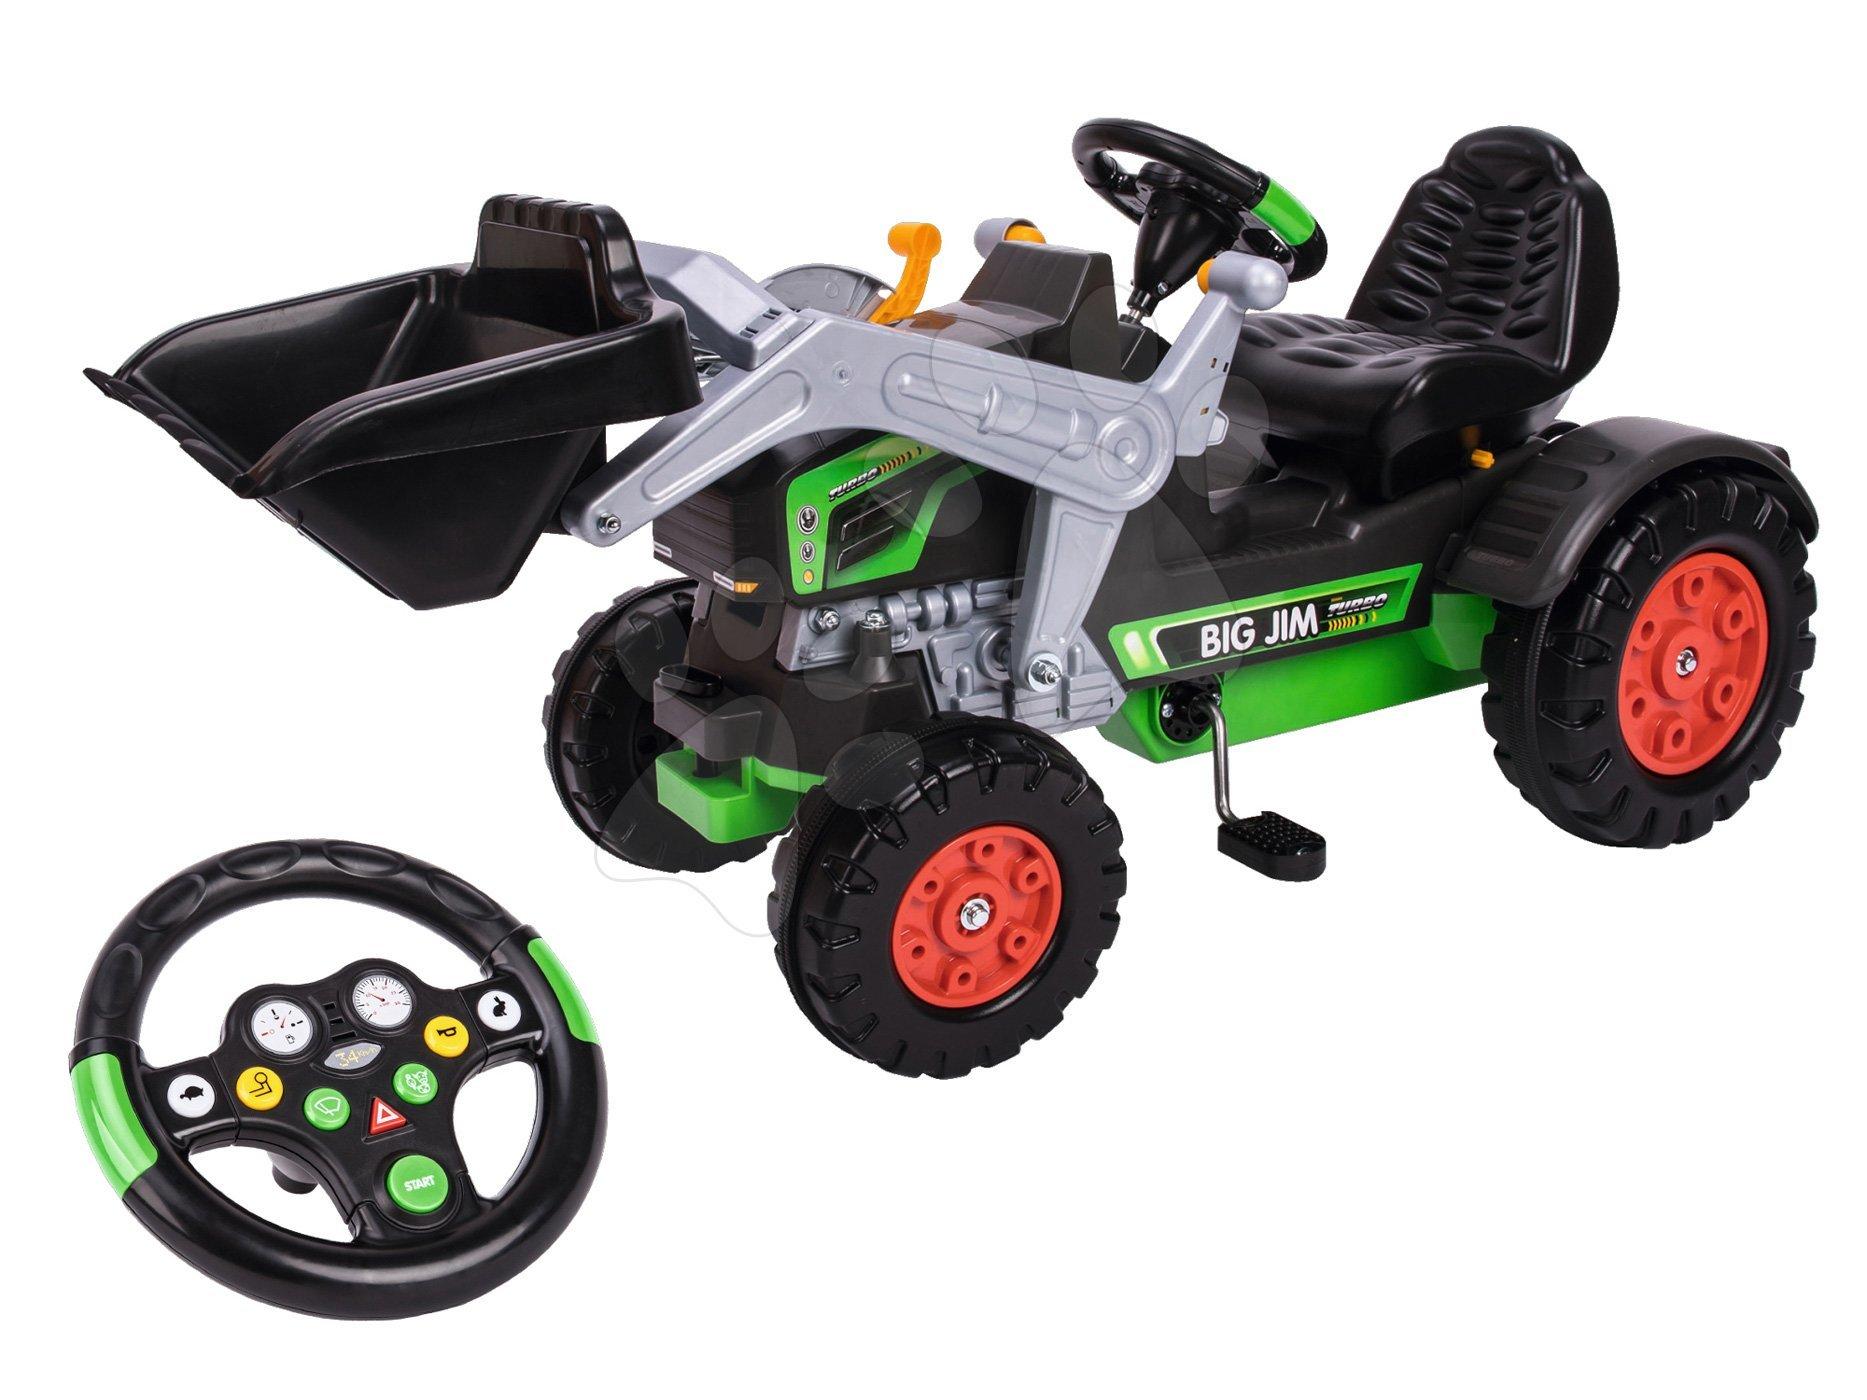 Šlapací traktor nakladač Jim Turbo BIG s interaktivním volantem na řetězový pohon